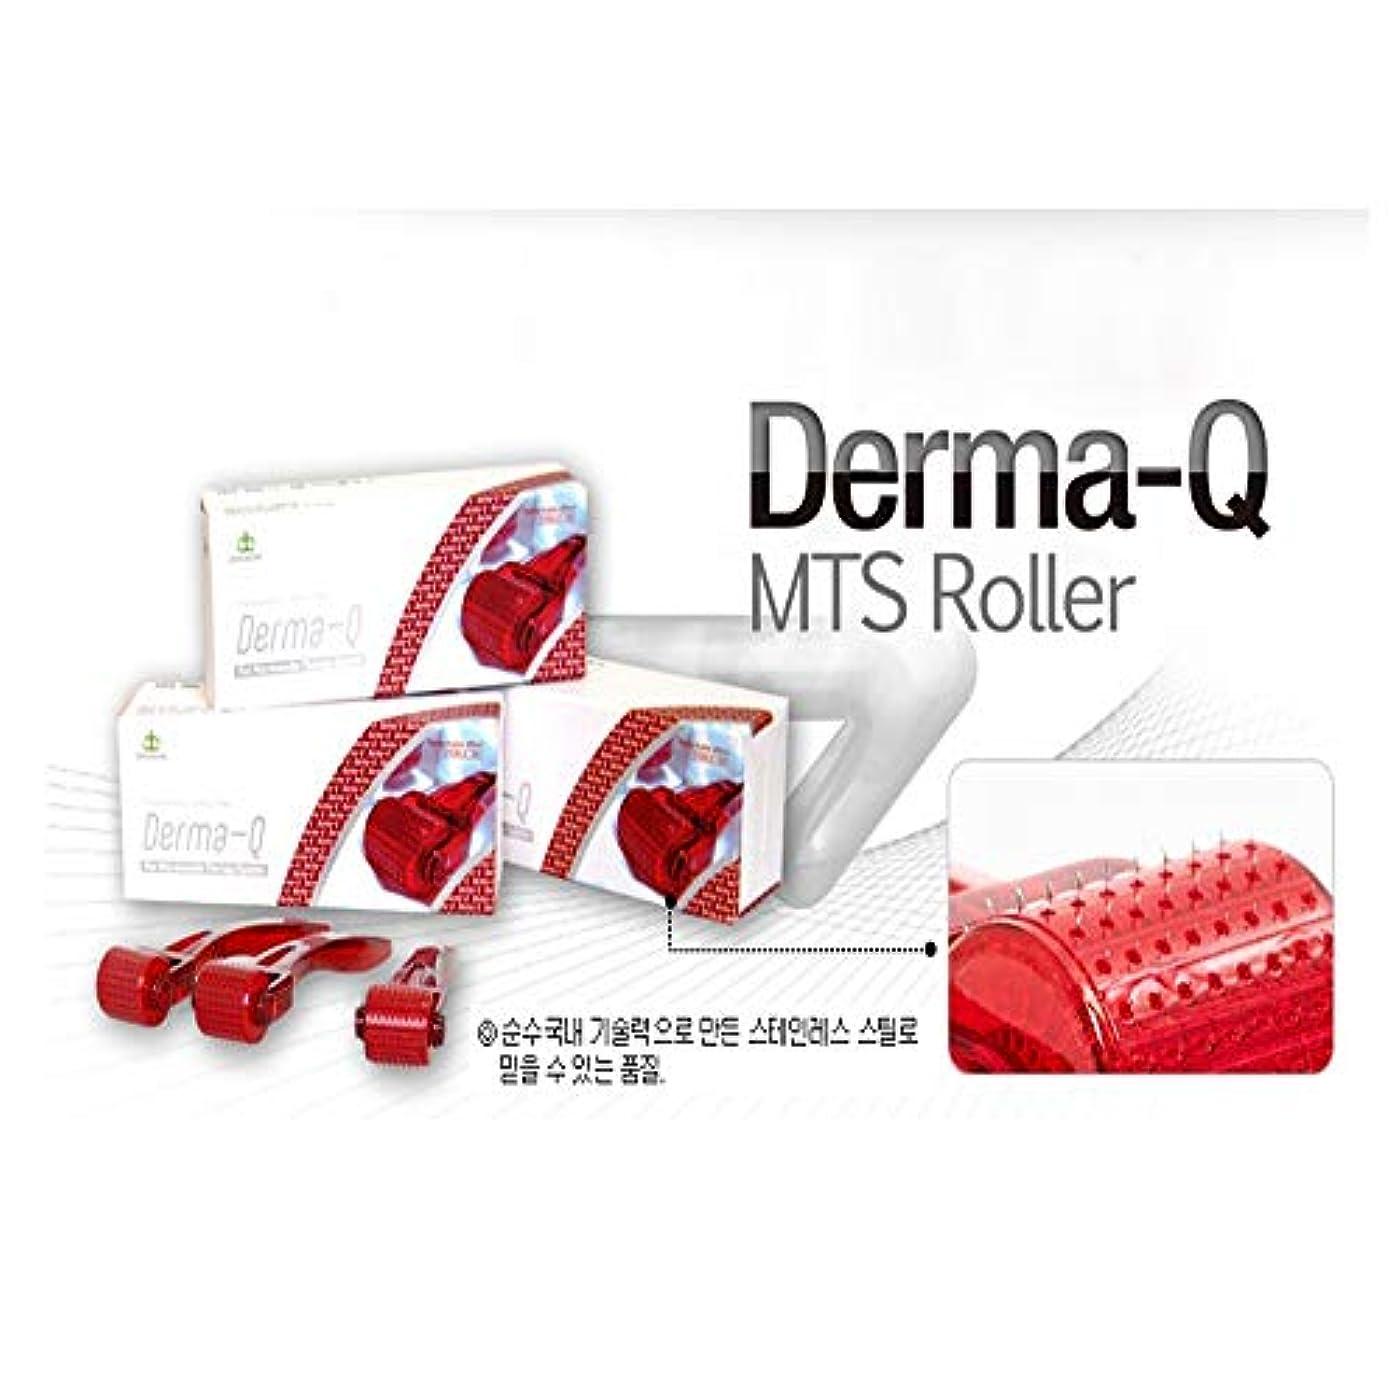 身元興奮ギネスDong Bang MTS Derma 美肌 ミニ針 治療スキンケアツール - 0.25mm*0.3mm/0.5mm/1.0mm/1.5mm/2.0mm ローラー美顔器 (0.25*0.5mm)